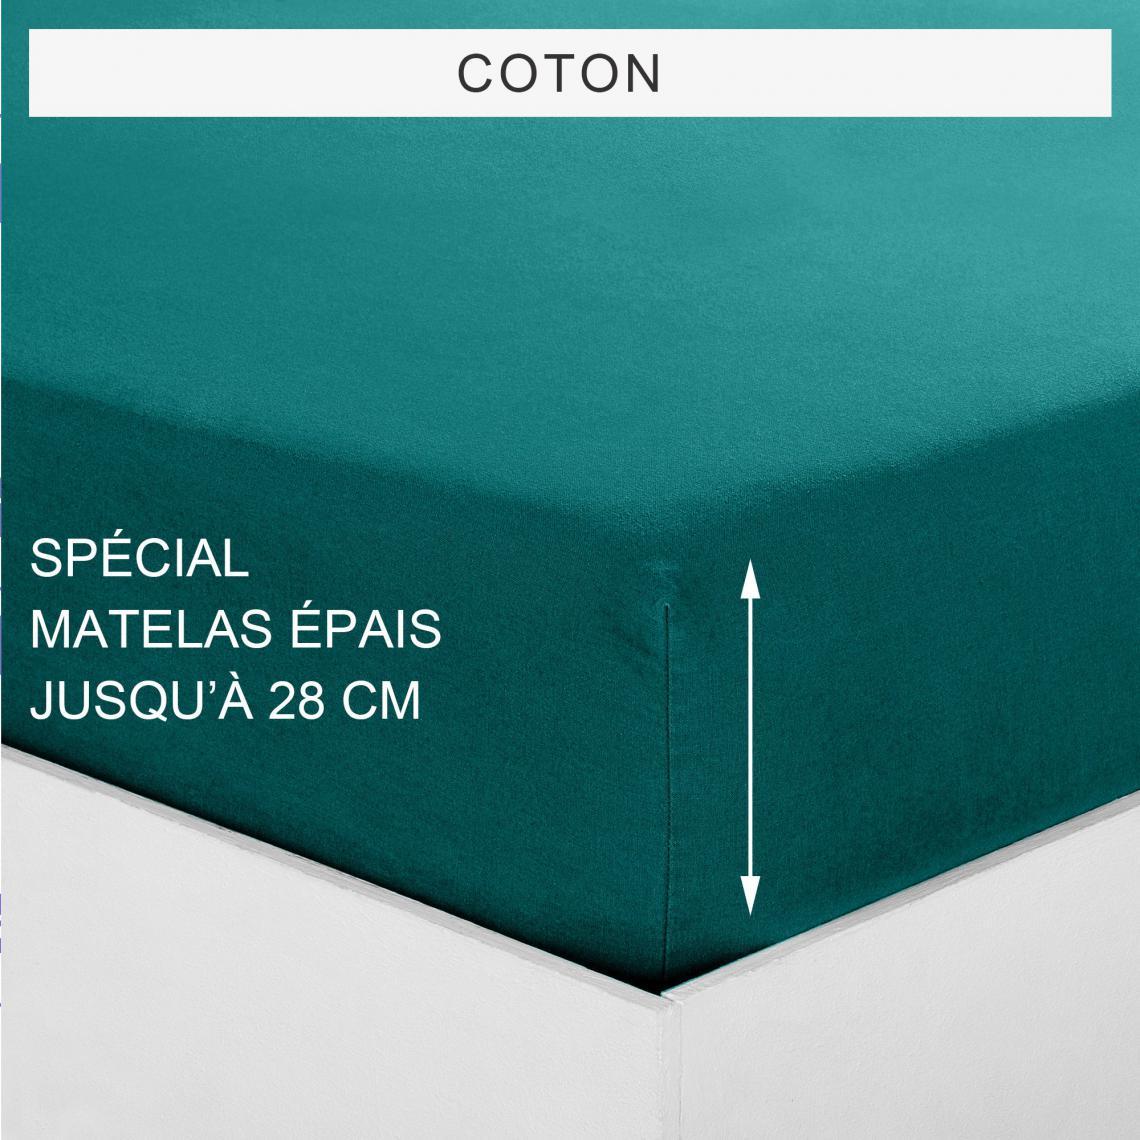 Drap housse uni spécial matelas épais coton Tertio®   Vert Foncé